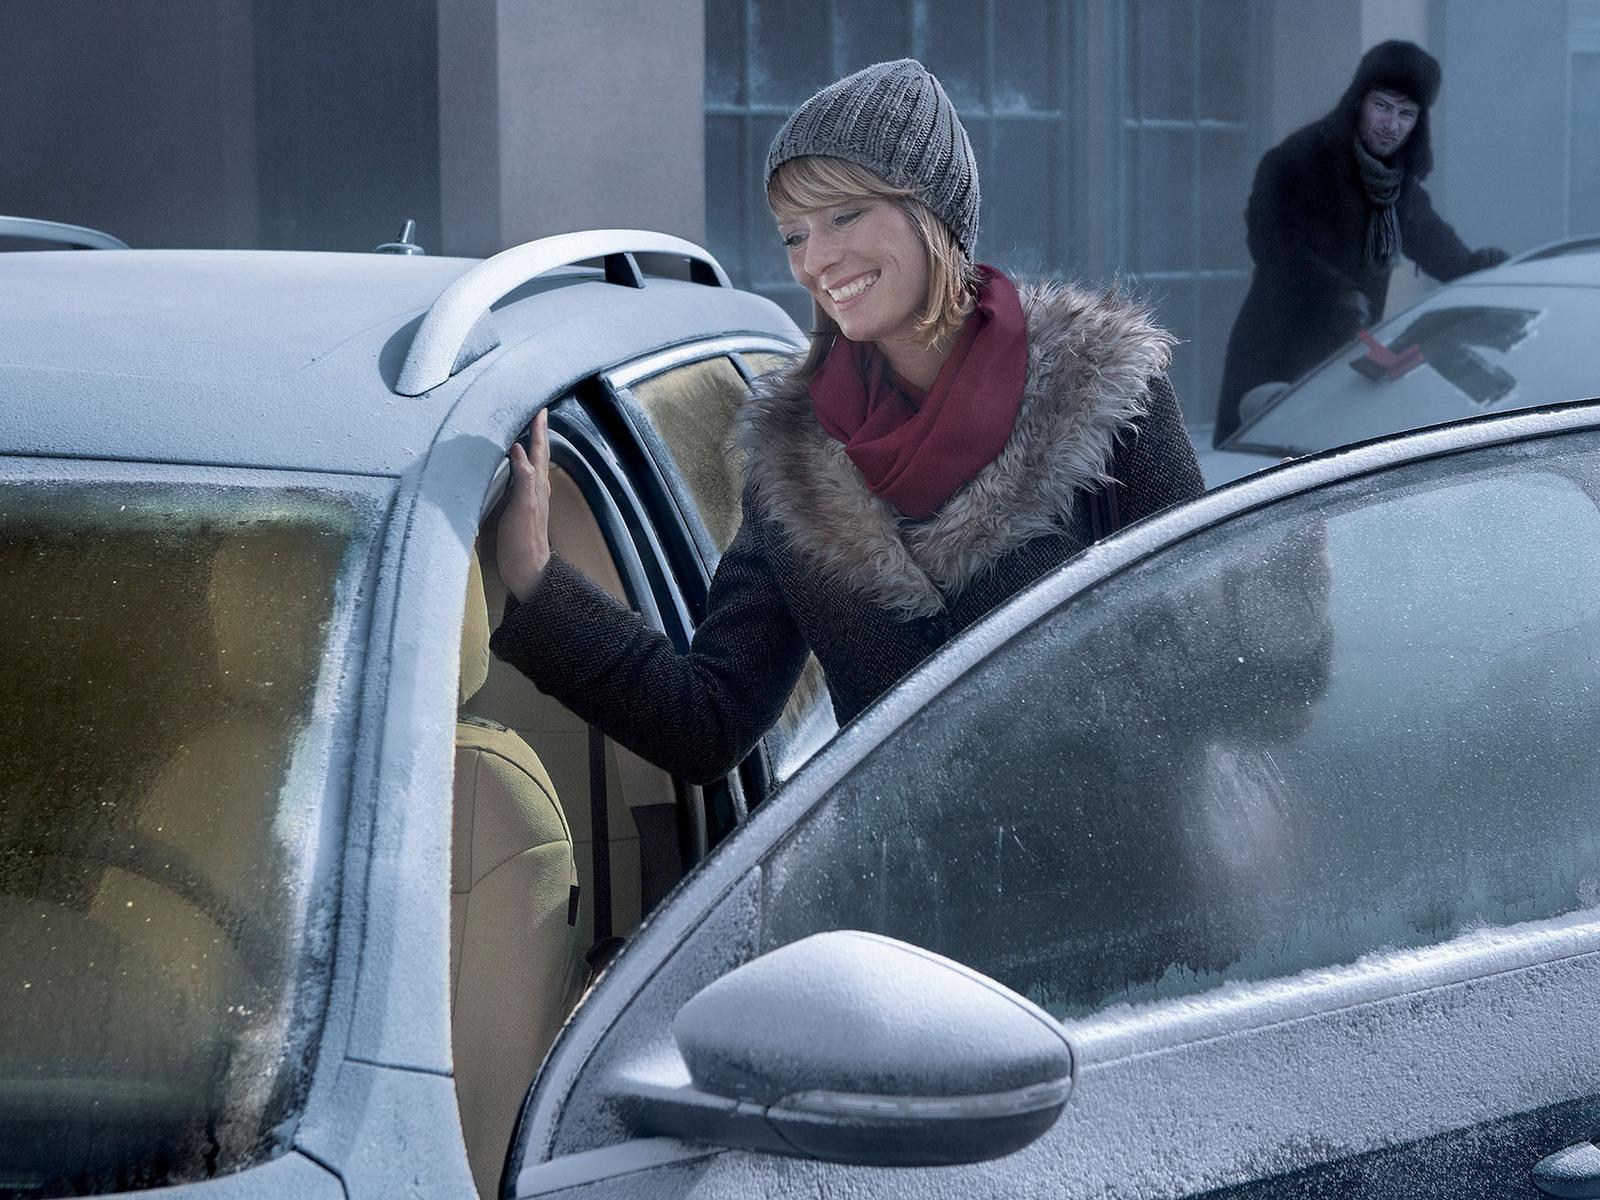 Yhteistyö: Pakkasaamujen pelastus - Webasto sopii myös pieniin autoihin